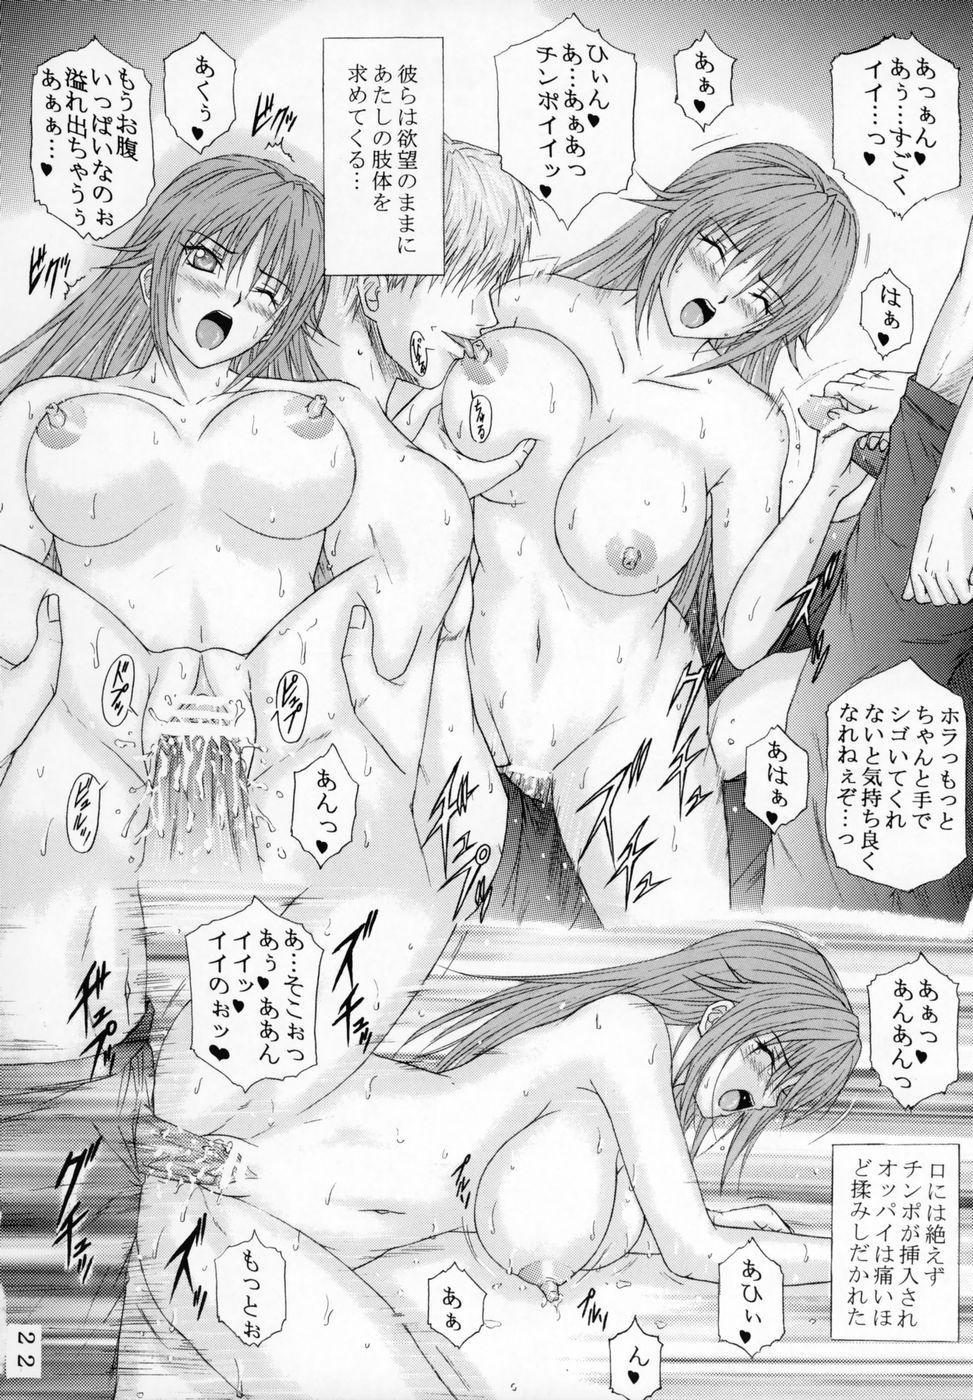 Ryoujoku Rensa 7 20